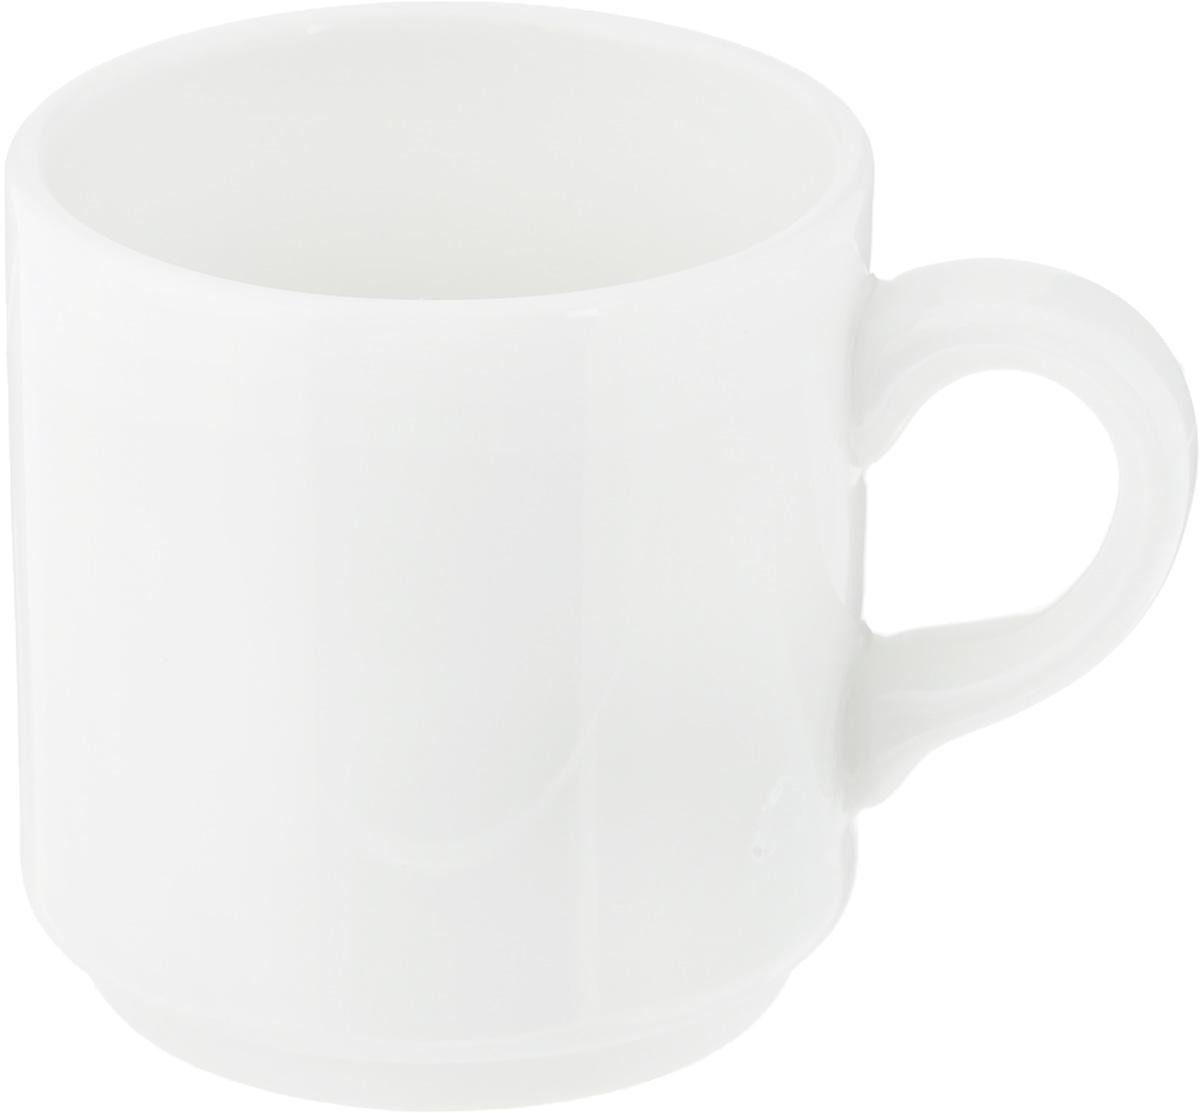 Чашка кофейная Ariane Прайм, 90 млAPRARN41009Чашка кофейная Ariane Прайм выполнена из высококачественного фарфора. Посуда из такого материала позволяет сохранить истинный вкус напитка, а также помогает ему дольше оставаться теплым. Белоснежность изделия дарит ощущение легкости и безмятежности.Диаметр чашки (по верхнему краю): 5,5 см. Высота чашки: 6 см.Объем чашки: 90 мл.